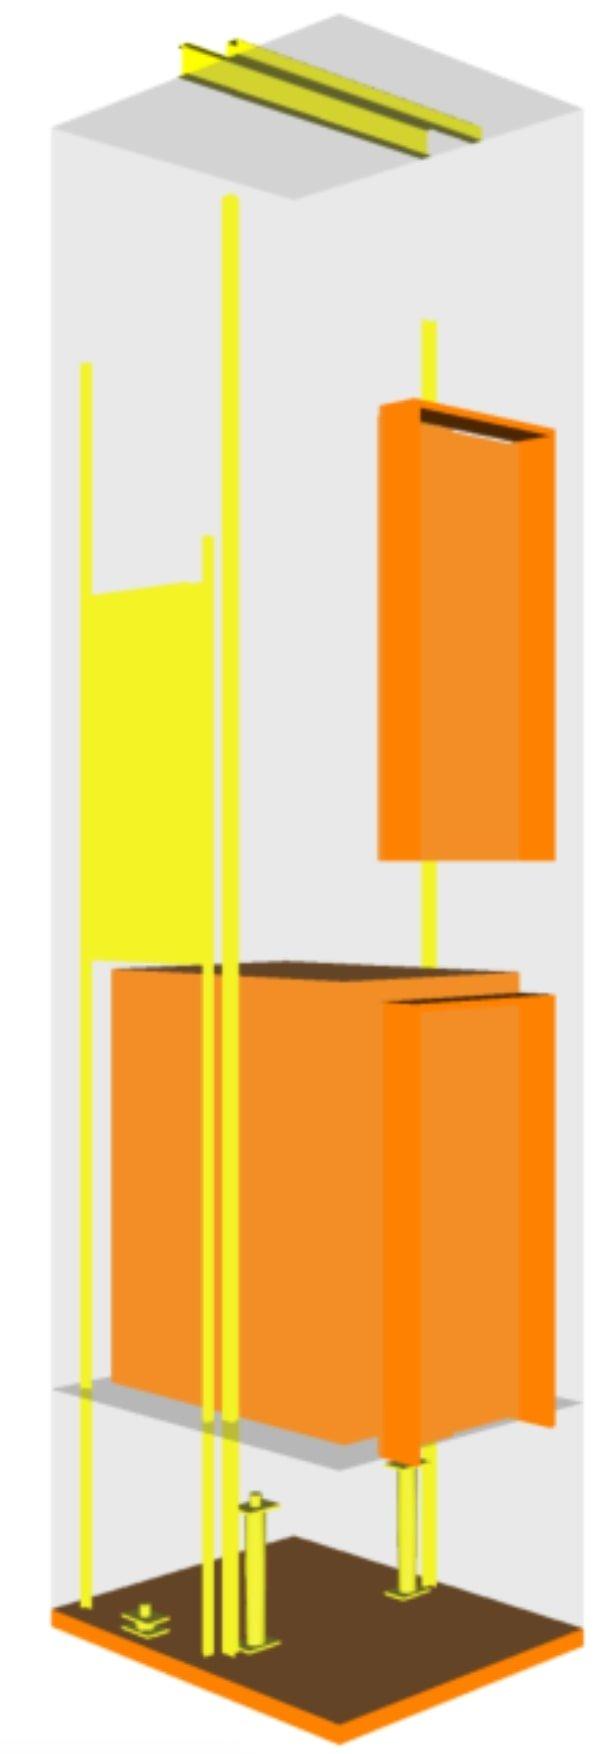 LoD 300 pour un ascenseur selon bim forum